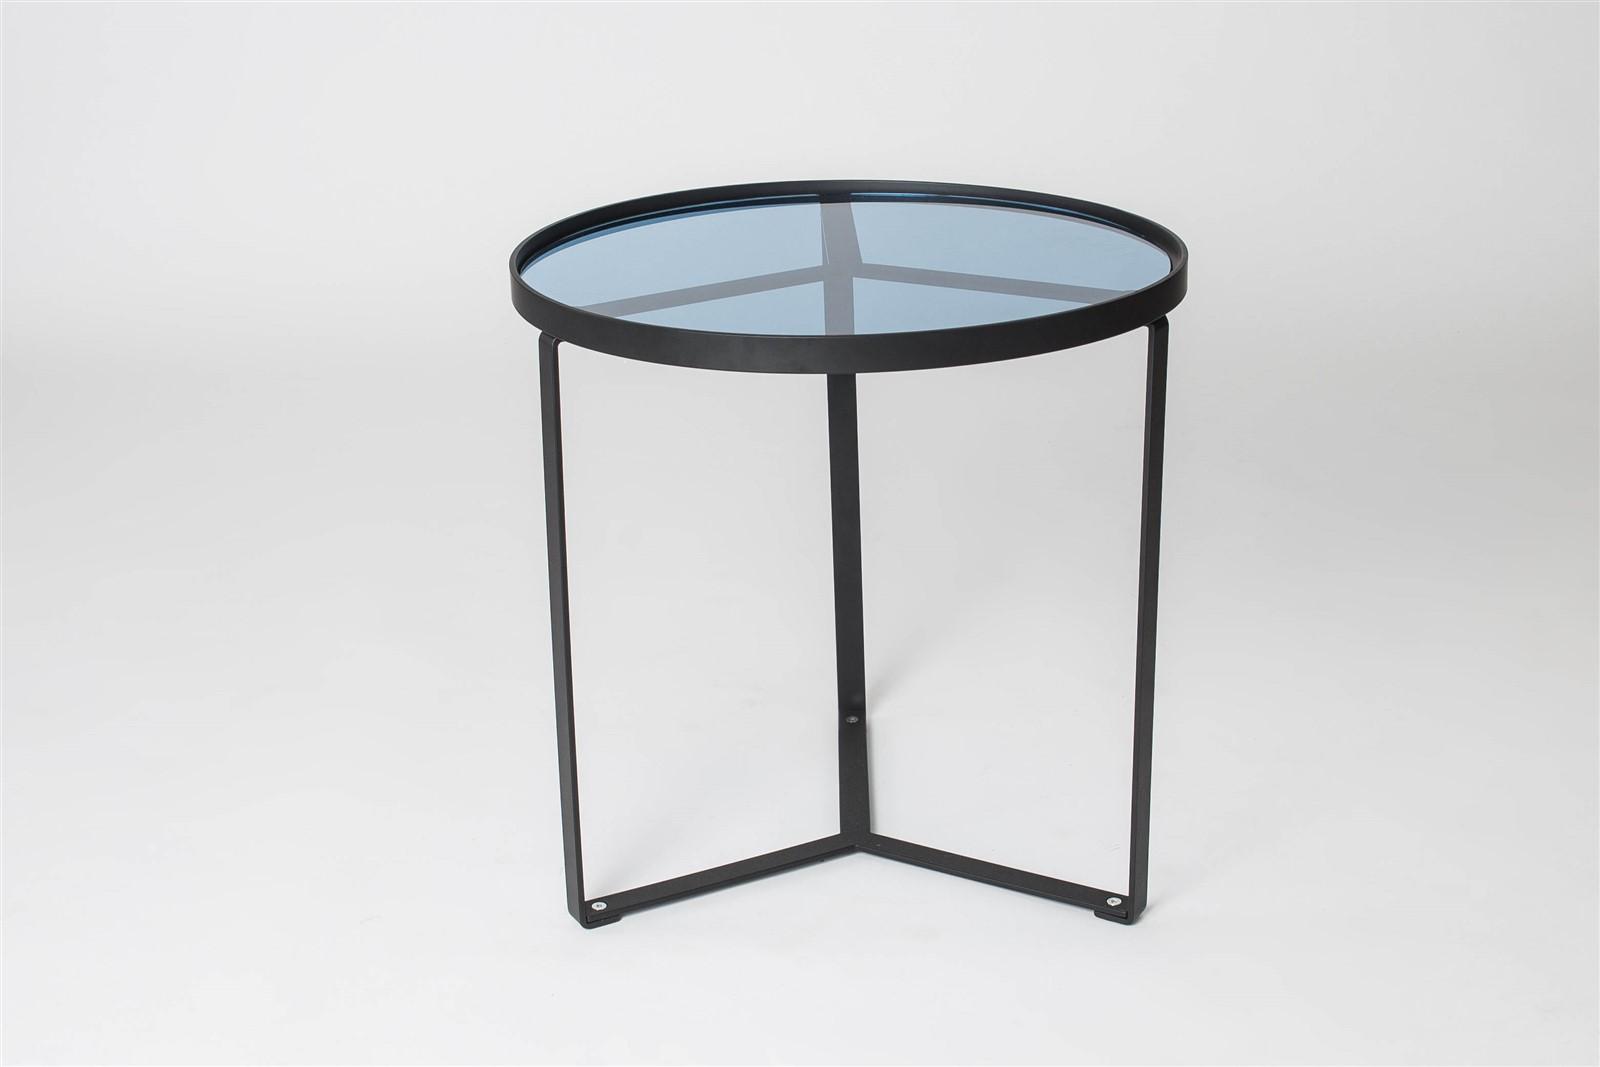 Couchtisch beistelltisch mesa 61x61 cm esg glas edelstahl for Beistelltisch 15 cm